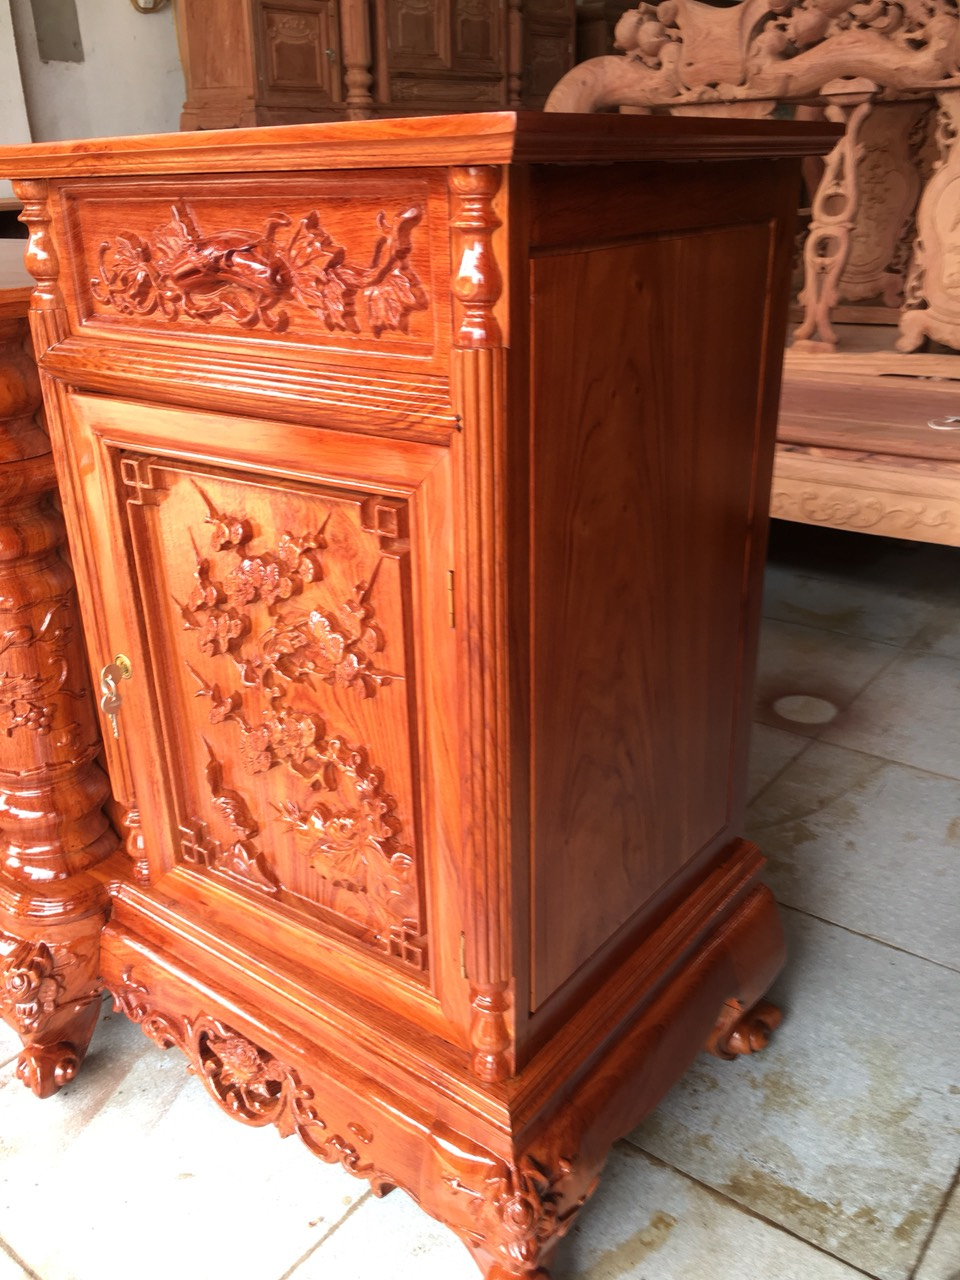 ke tivi cot nho go huong da dai 2m2 1 - Kệ tivi cột nho gỗ hương đá dài 2m2 (cánh dày 2.5 phân)